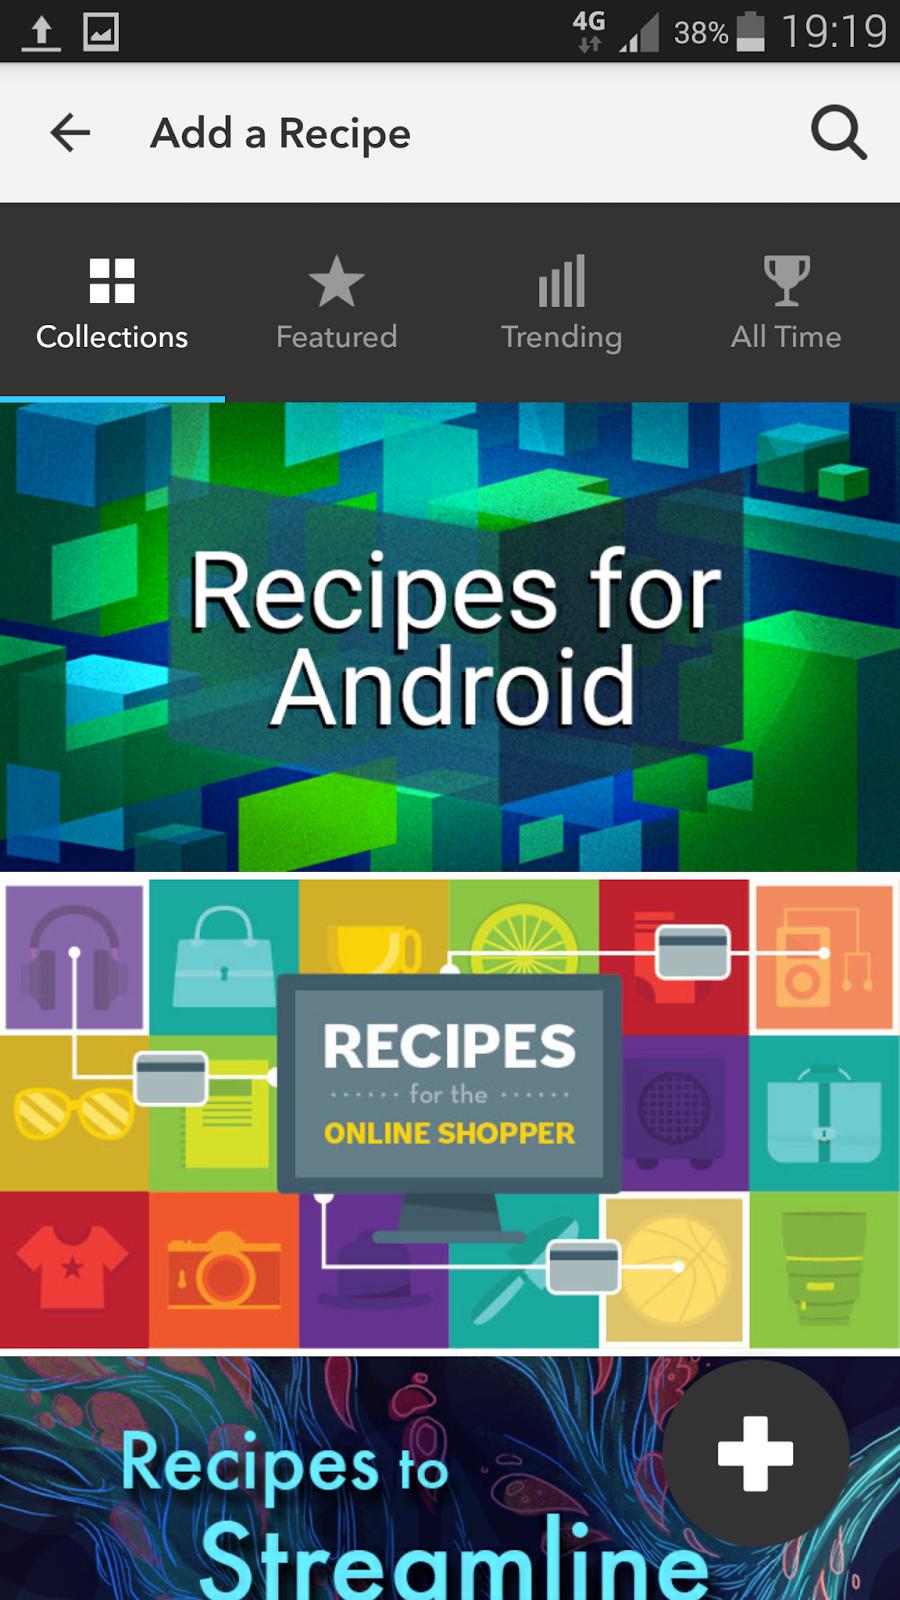 schermata di navigazione fra le ricette condivise